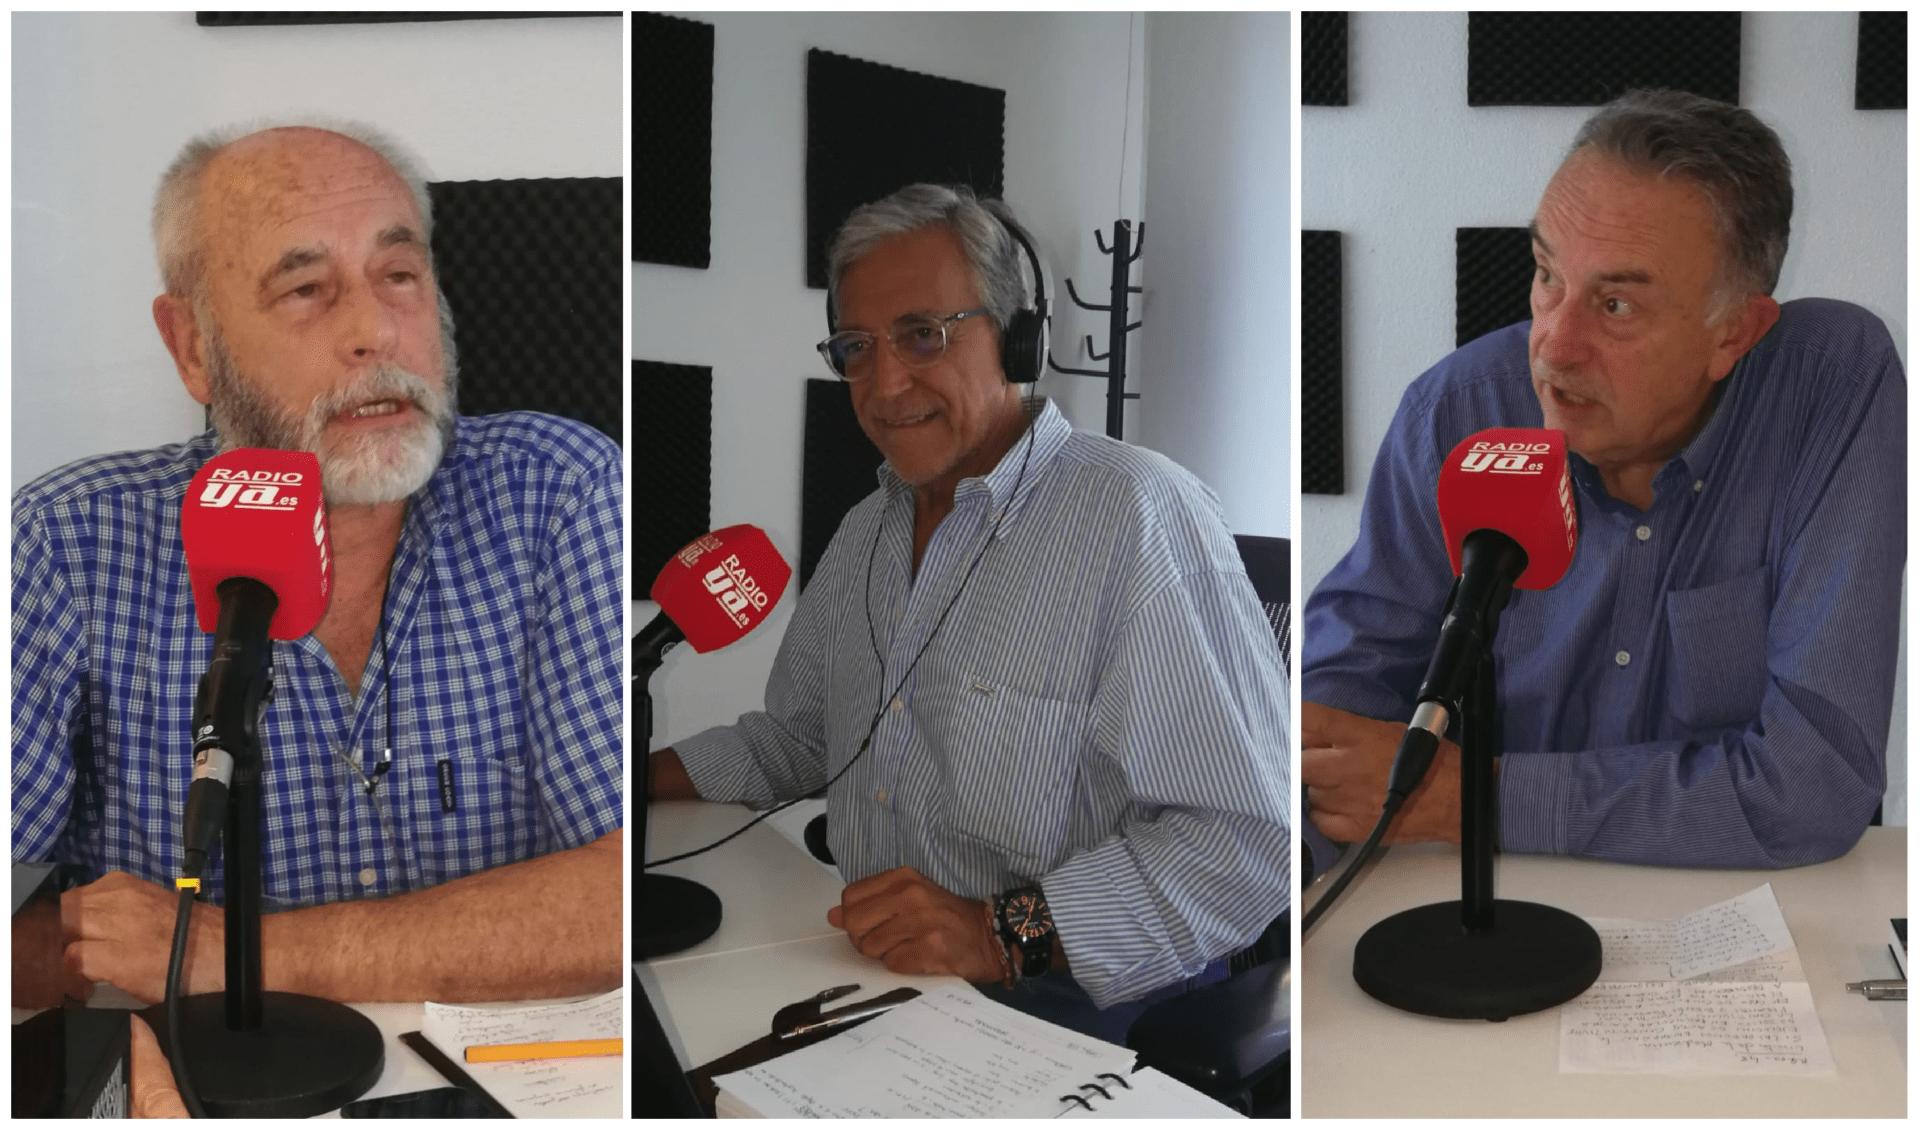 """Disponible """"La Hora del CAFÉ"""" con Nacho Larrea, Javier Barraycoa, Emilio Pérez Alamán y Blas Piñar"""